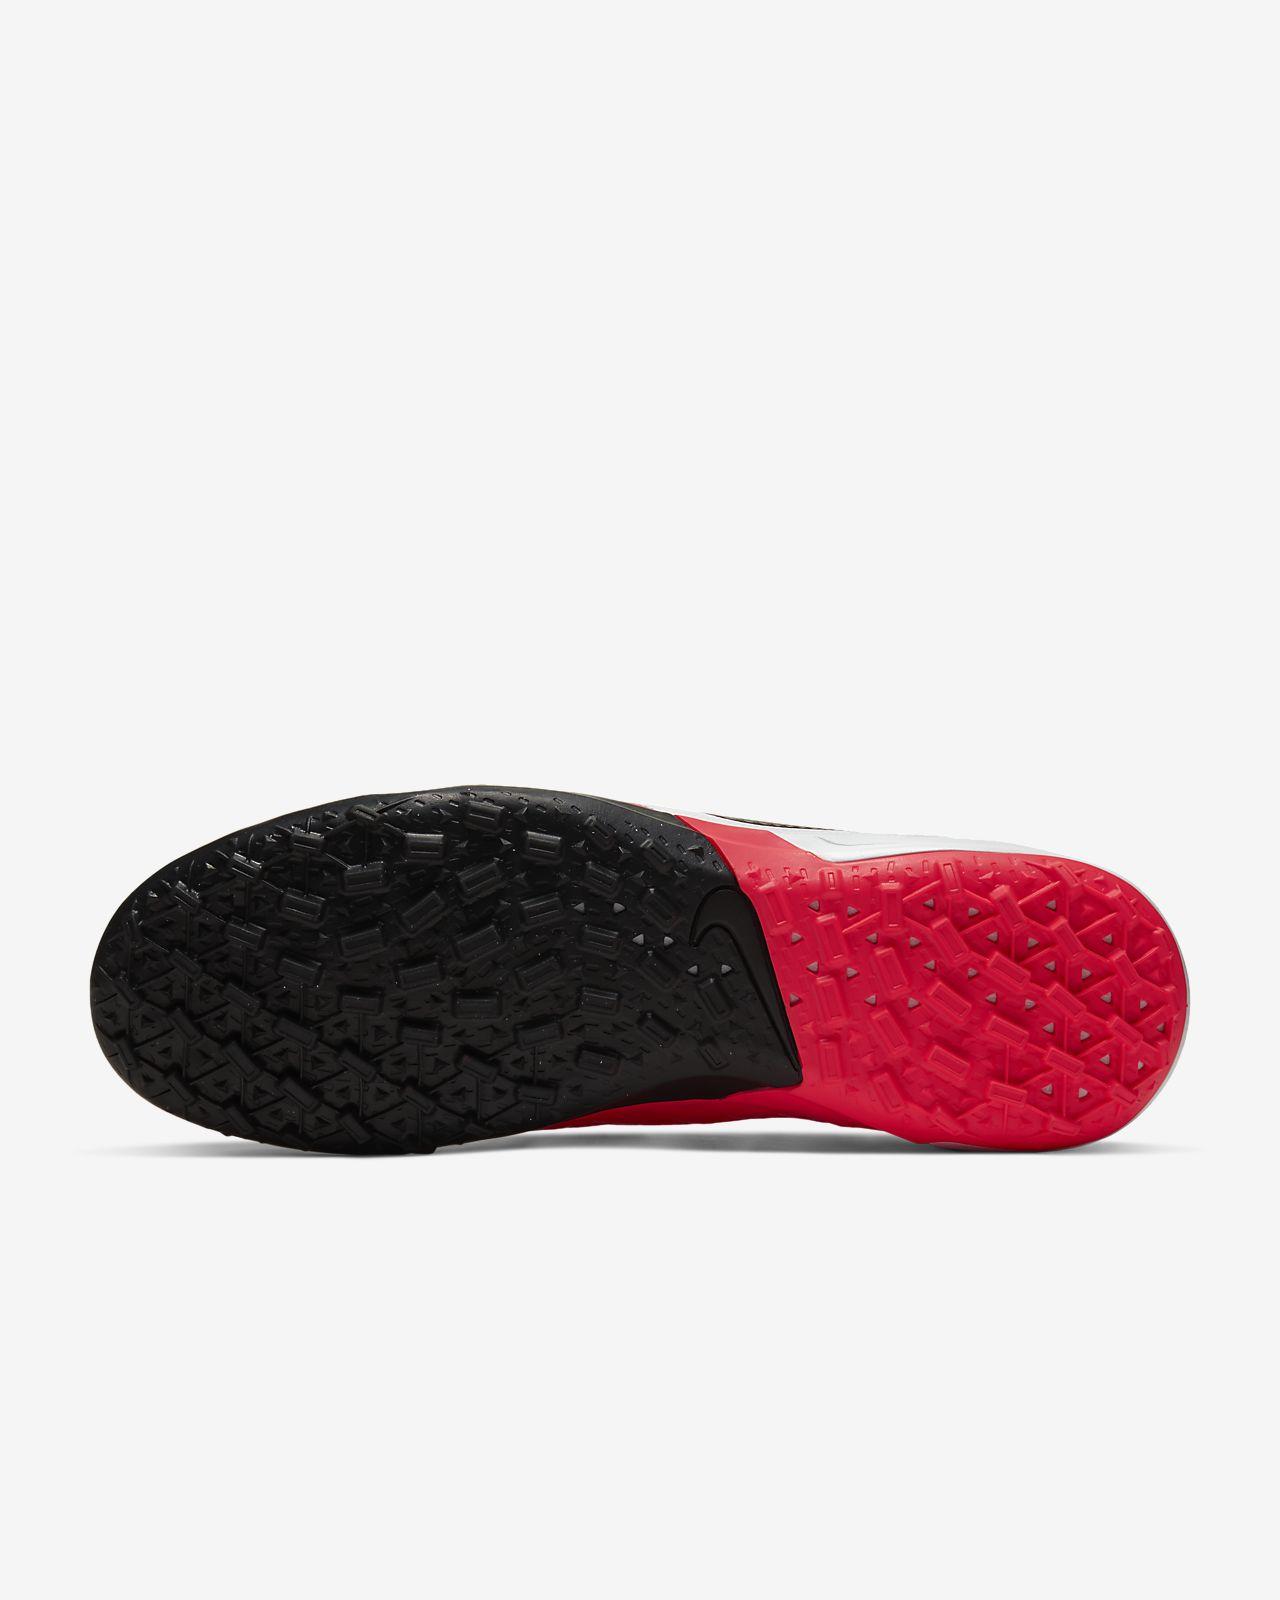 Nike Air Diamond Turf Oregon | Nike | Sole Collector